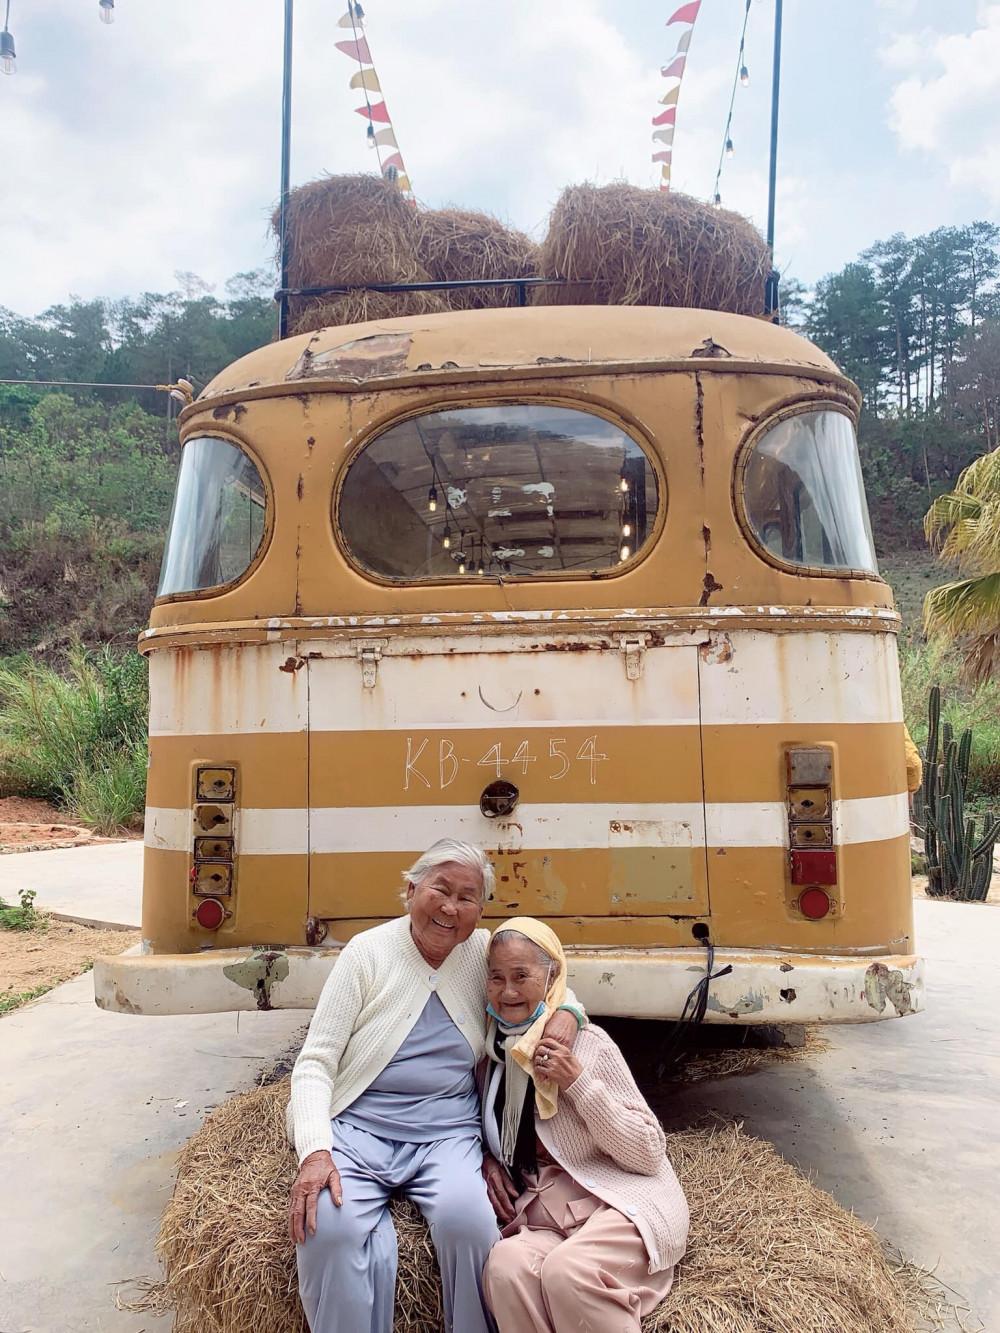 Có tri kỷ dắt nhau du lịch khi tuổi xế chiều thế này, tuổi tác chẳng gây sợ hãi. Ảnh: Internet